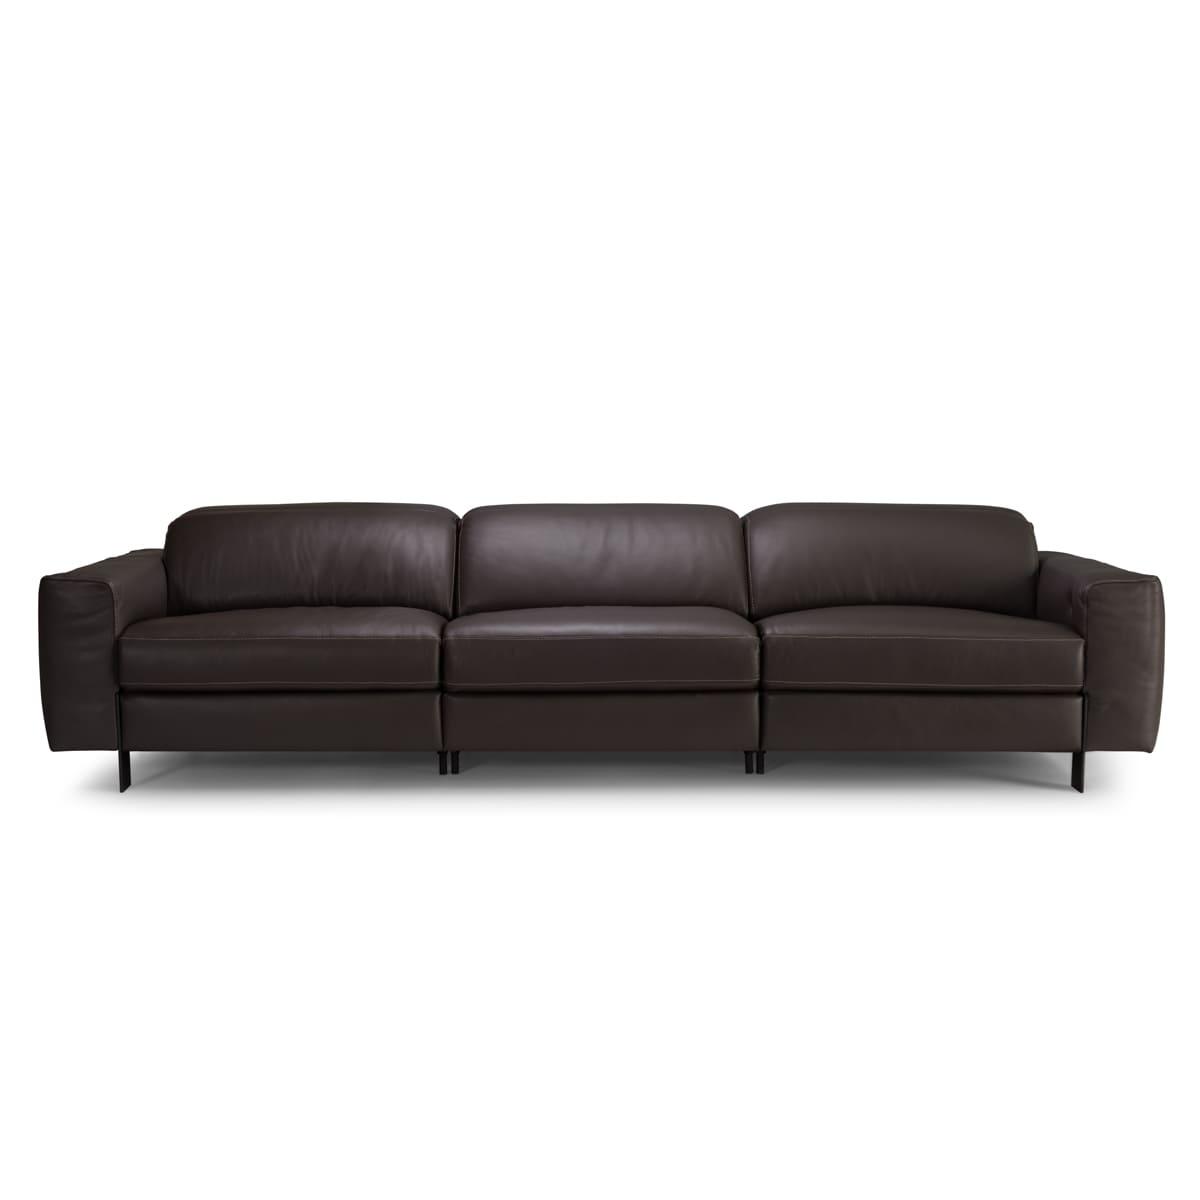 Sofa Retratil 3 Lugares Ofelia Couro Sofa Perfeito Para Sua Casa Sofa Retratil Voktum